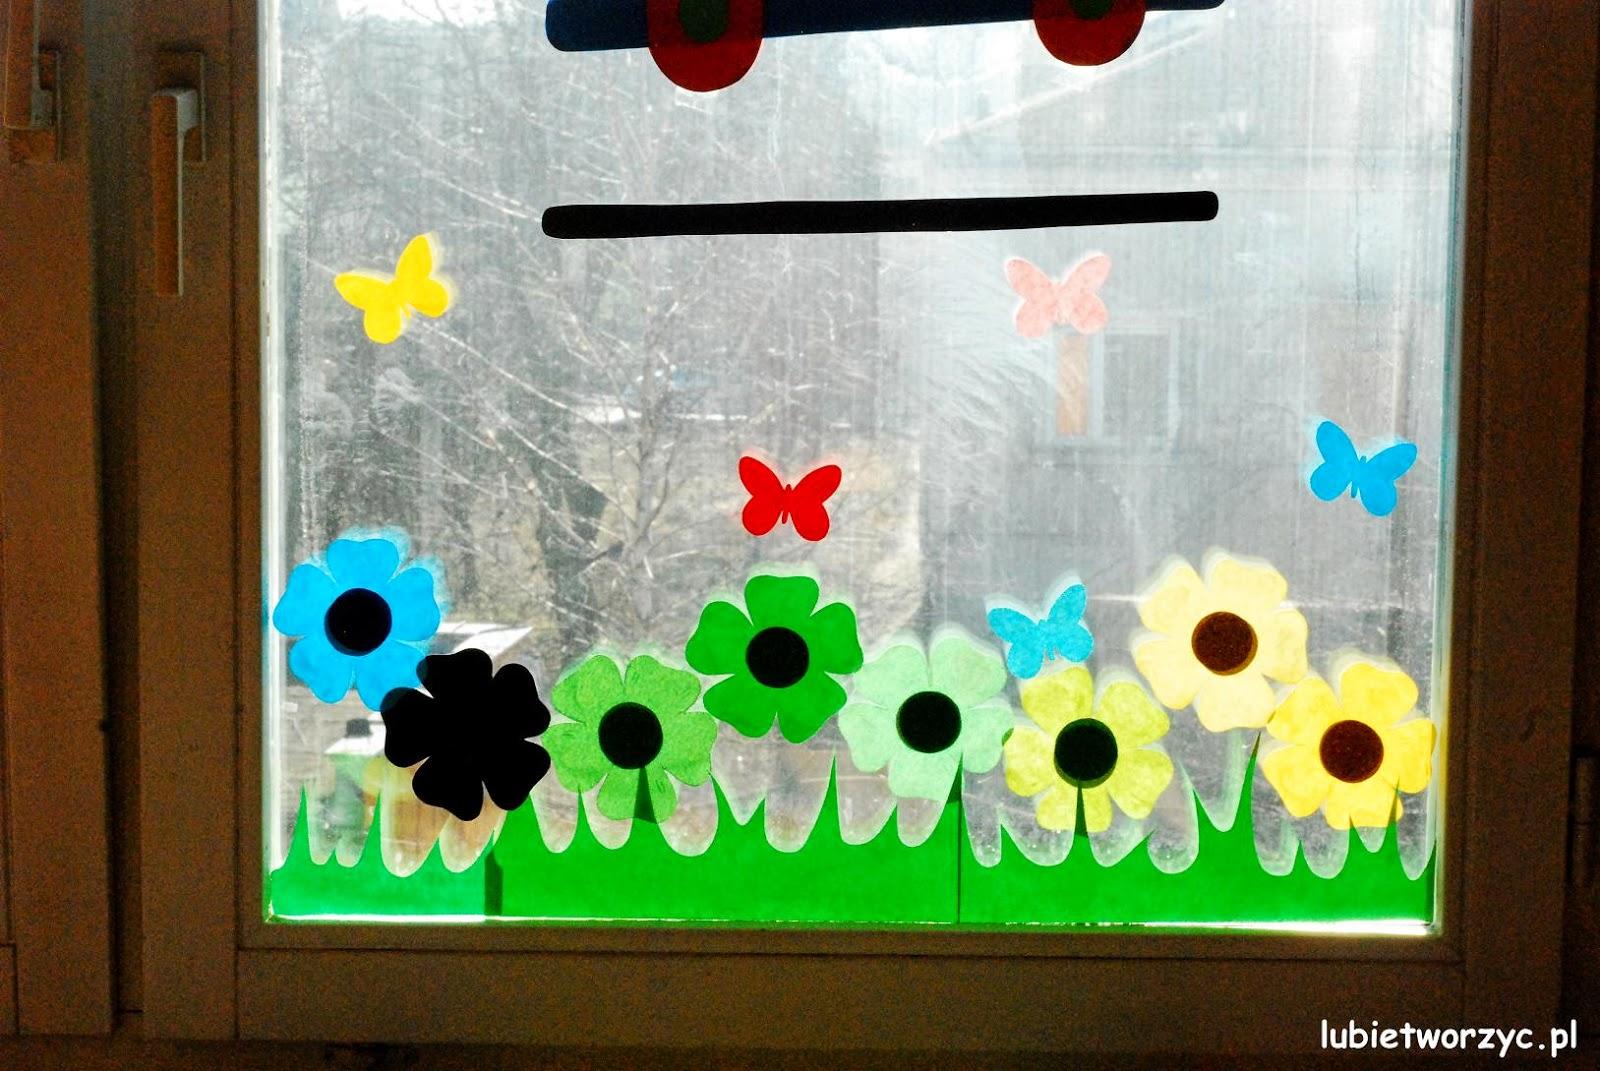 Lubię Tworzyć Pociąg I łąka Czyli Wiosenna Dekoracja Okienna